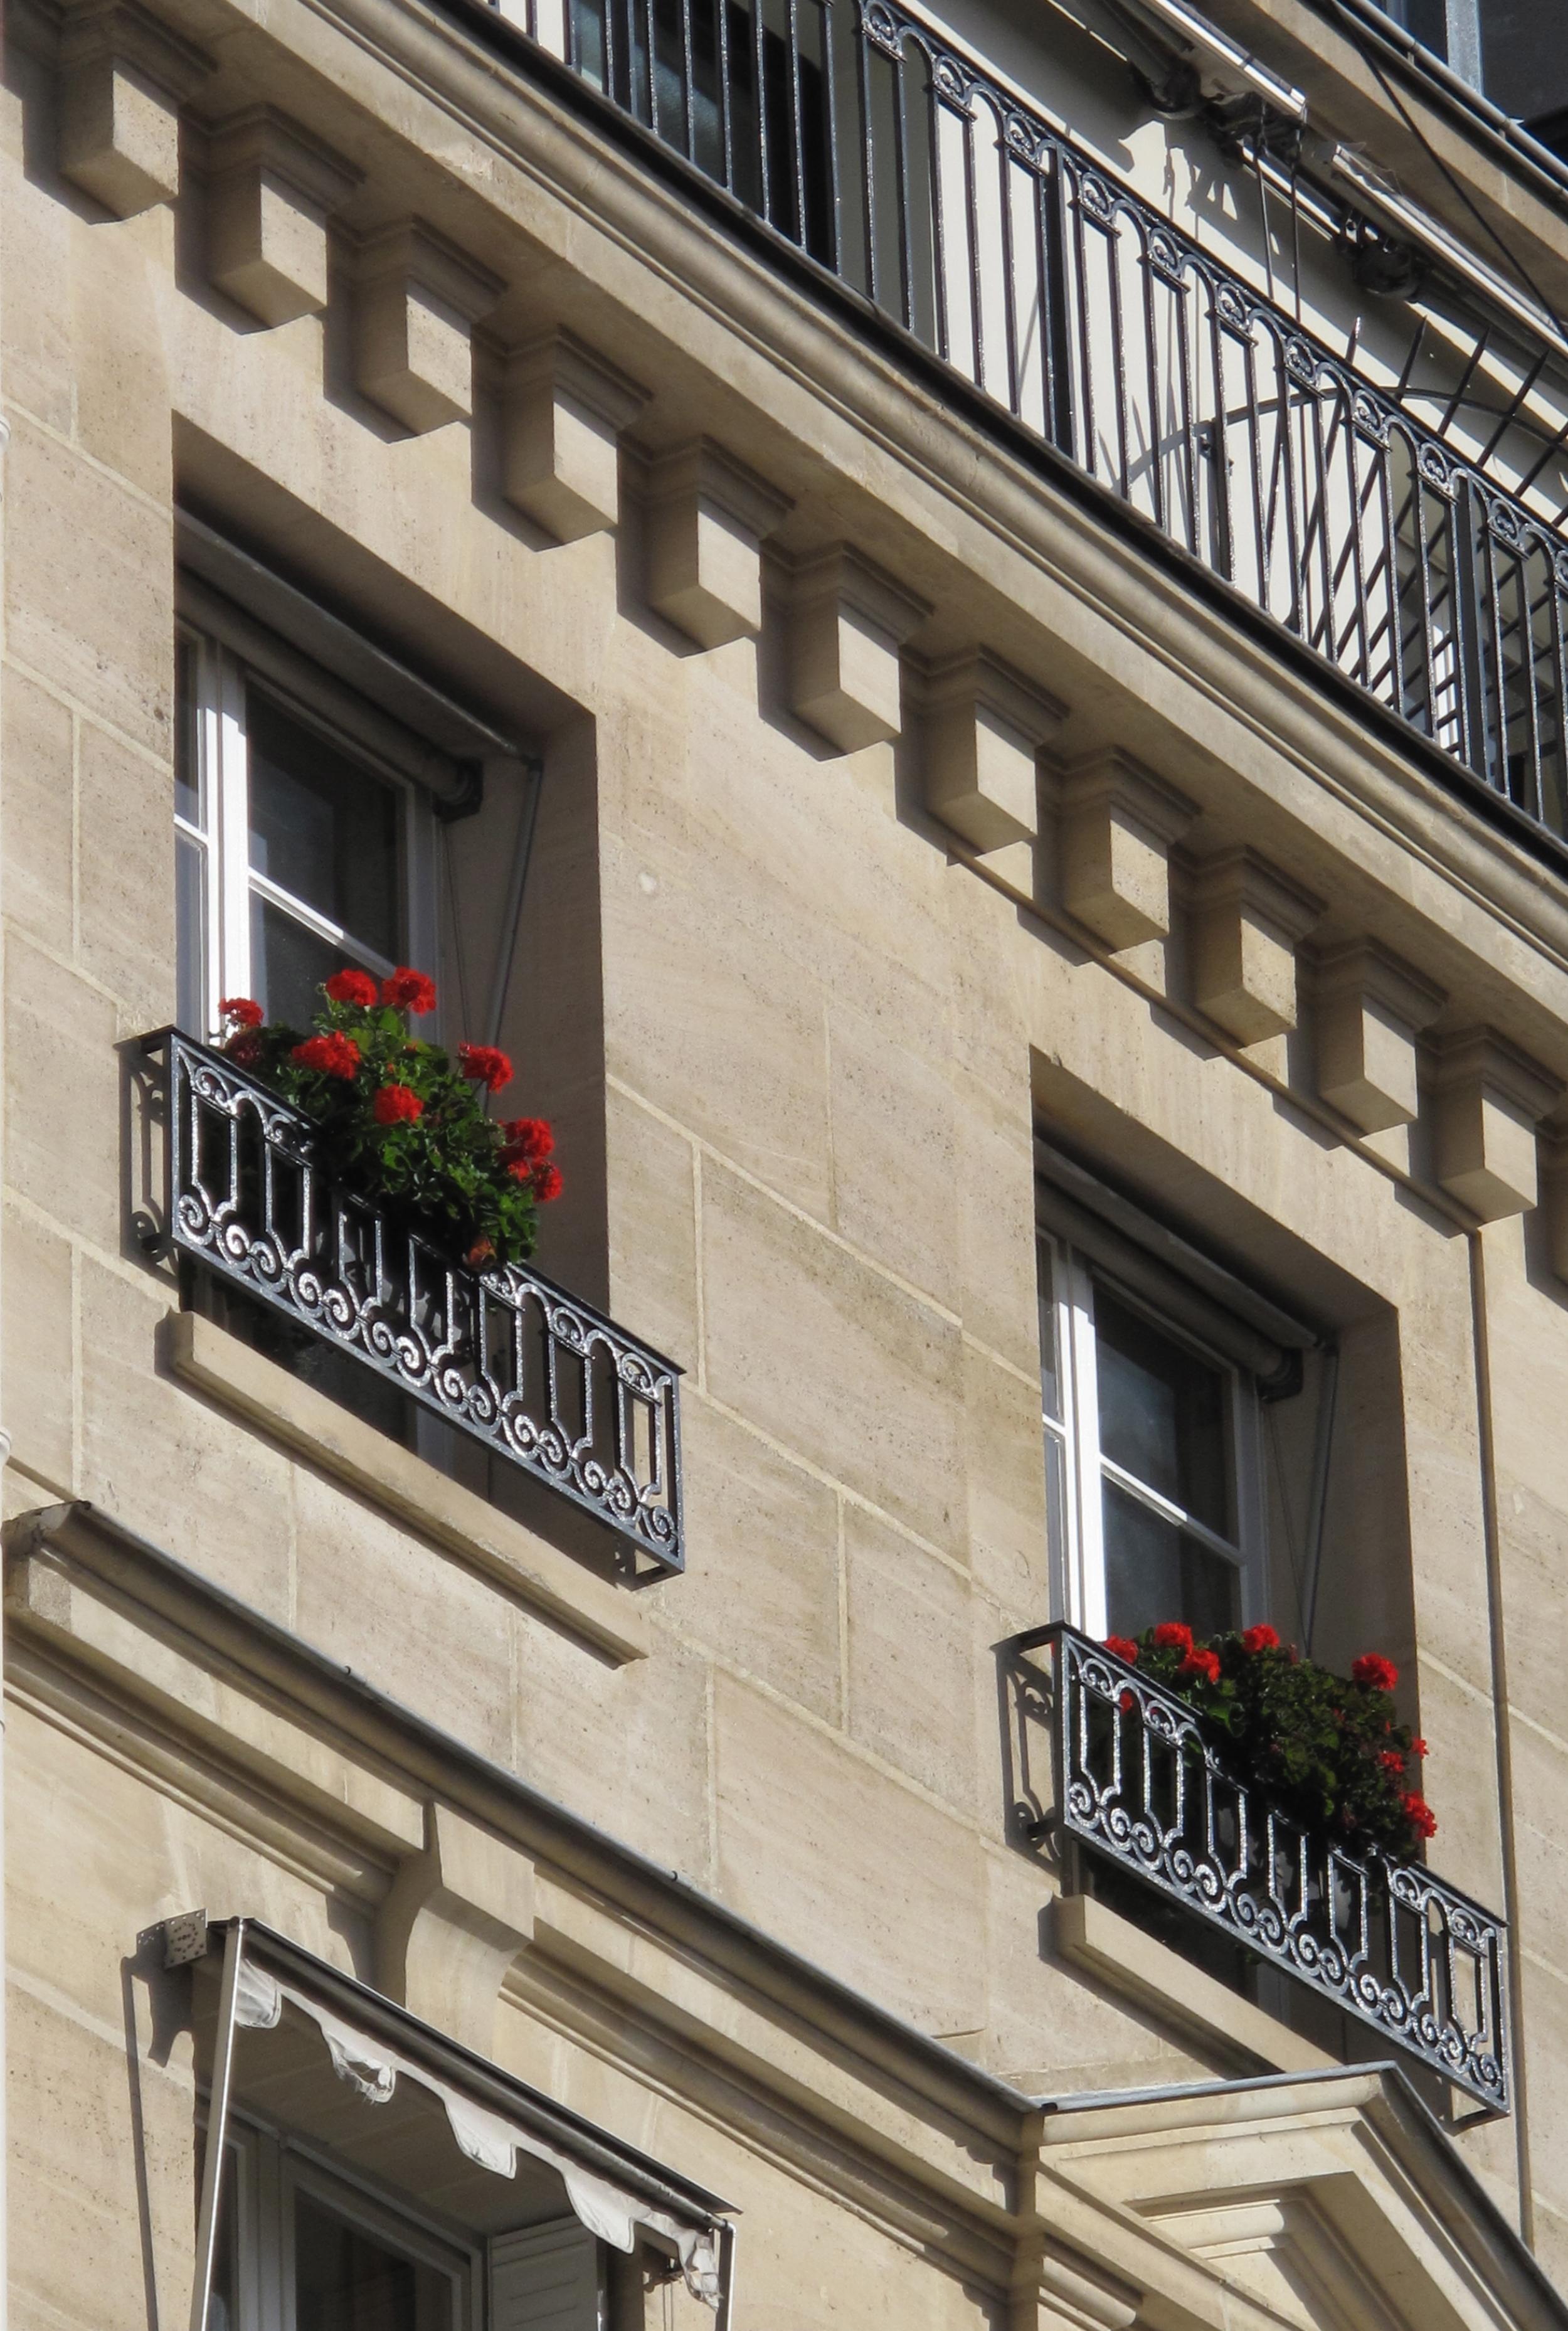 Quaint stone buildings and window flowers on the Île Saint Louis